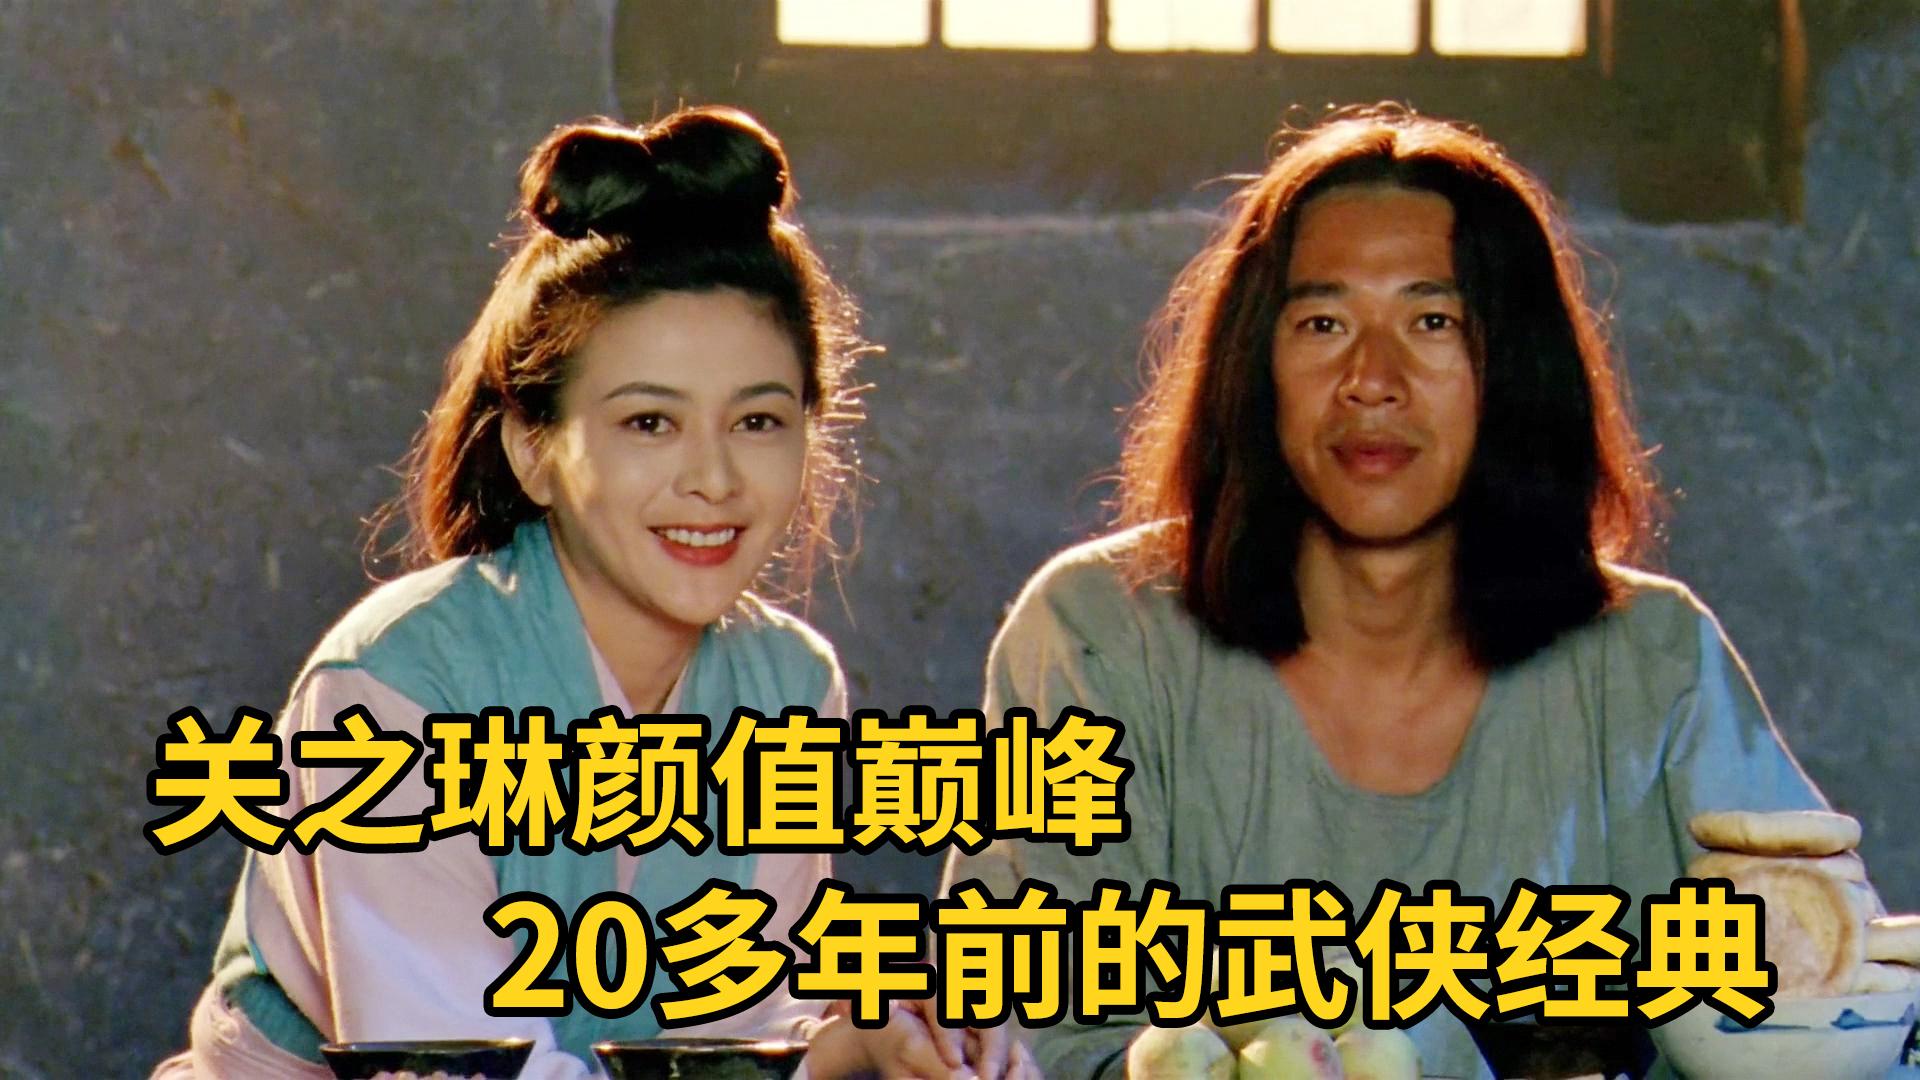 【阿斗】93年拍出,遭内地禁映,香港上映后被下架,如今成为武侠经典《杀人者唐斩》